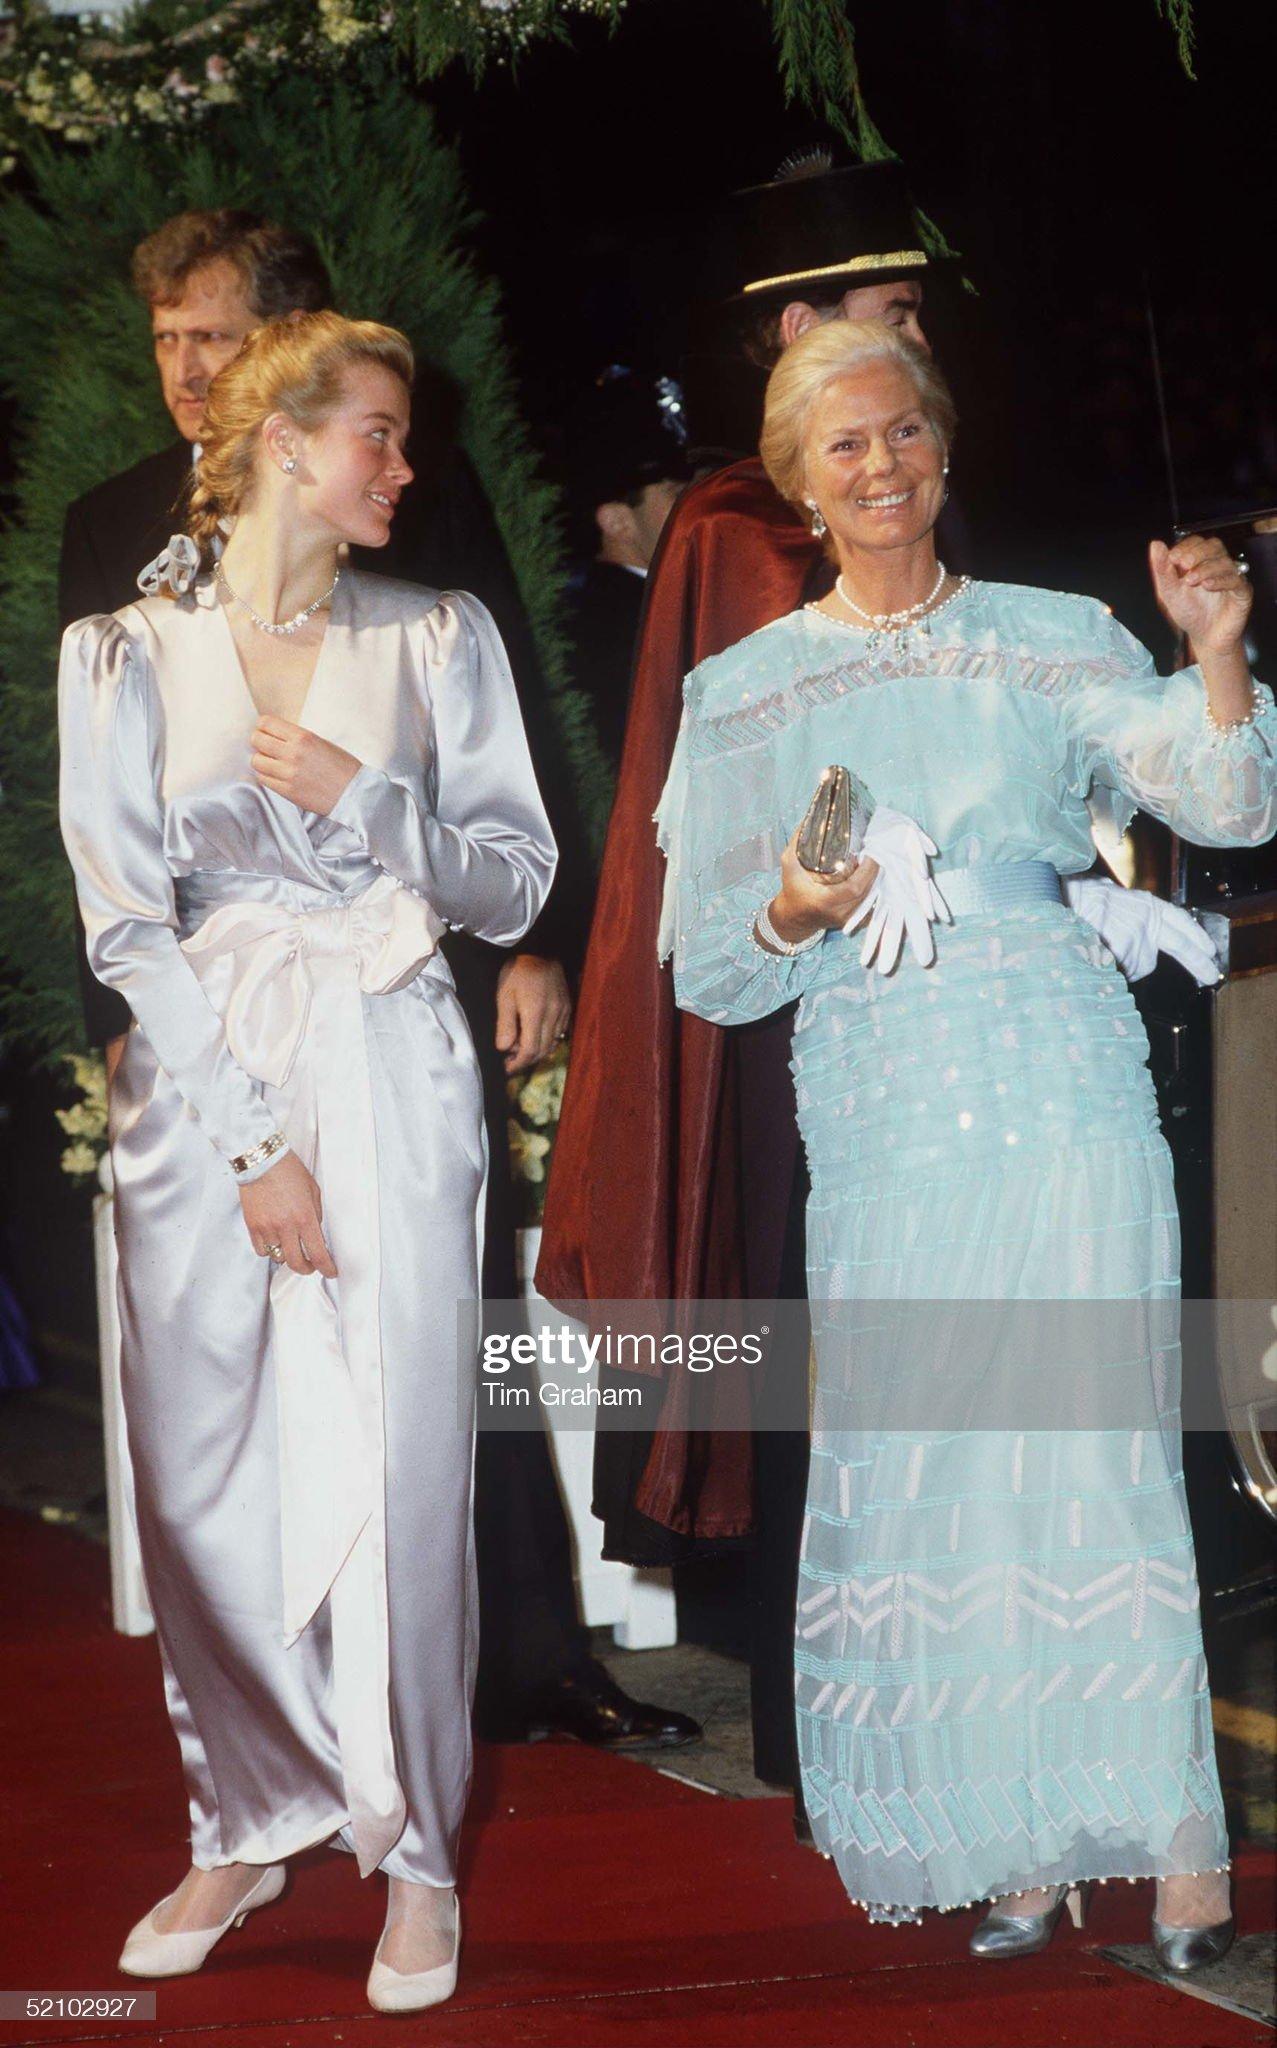 Duchess Kent Helen Windsor : News Photo